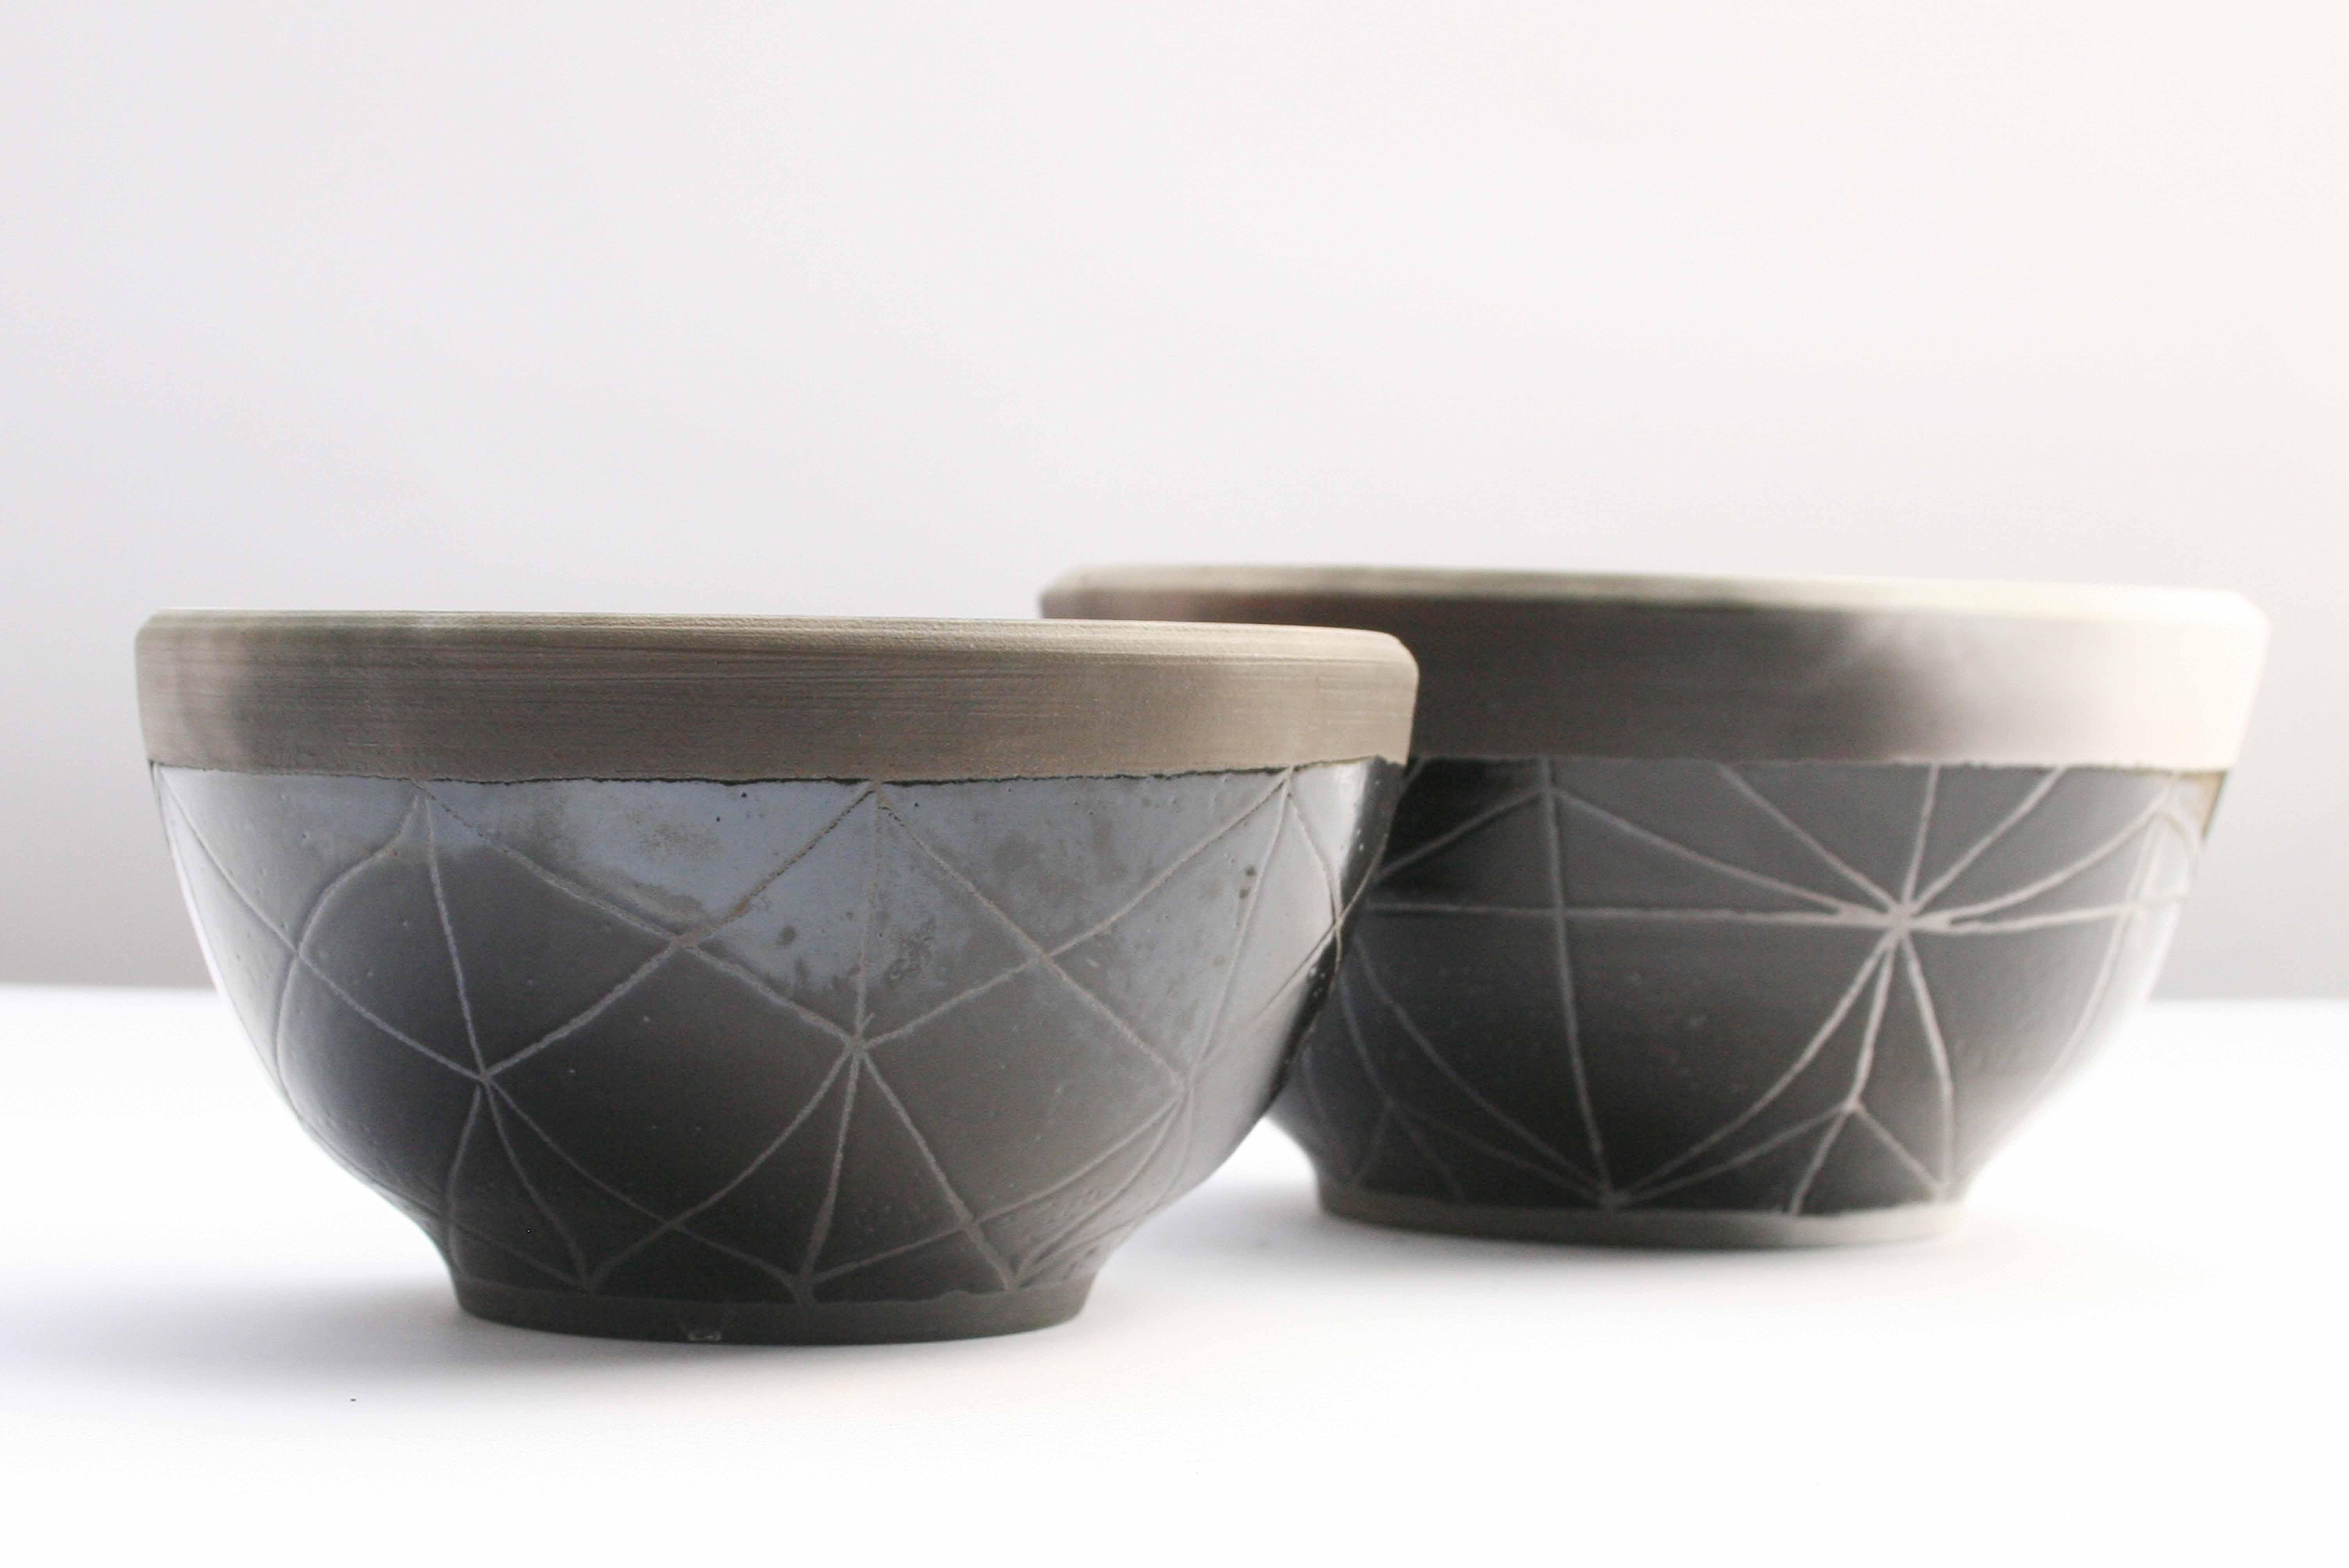 a8_mdba_mdby_manufactured_ceramique_raku_isabell_gatzen